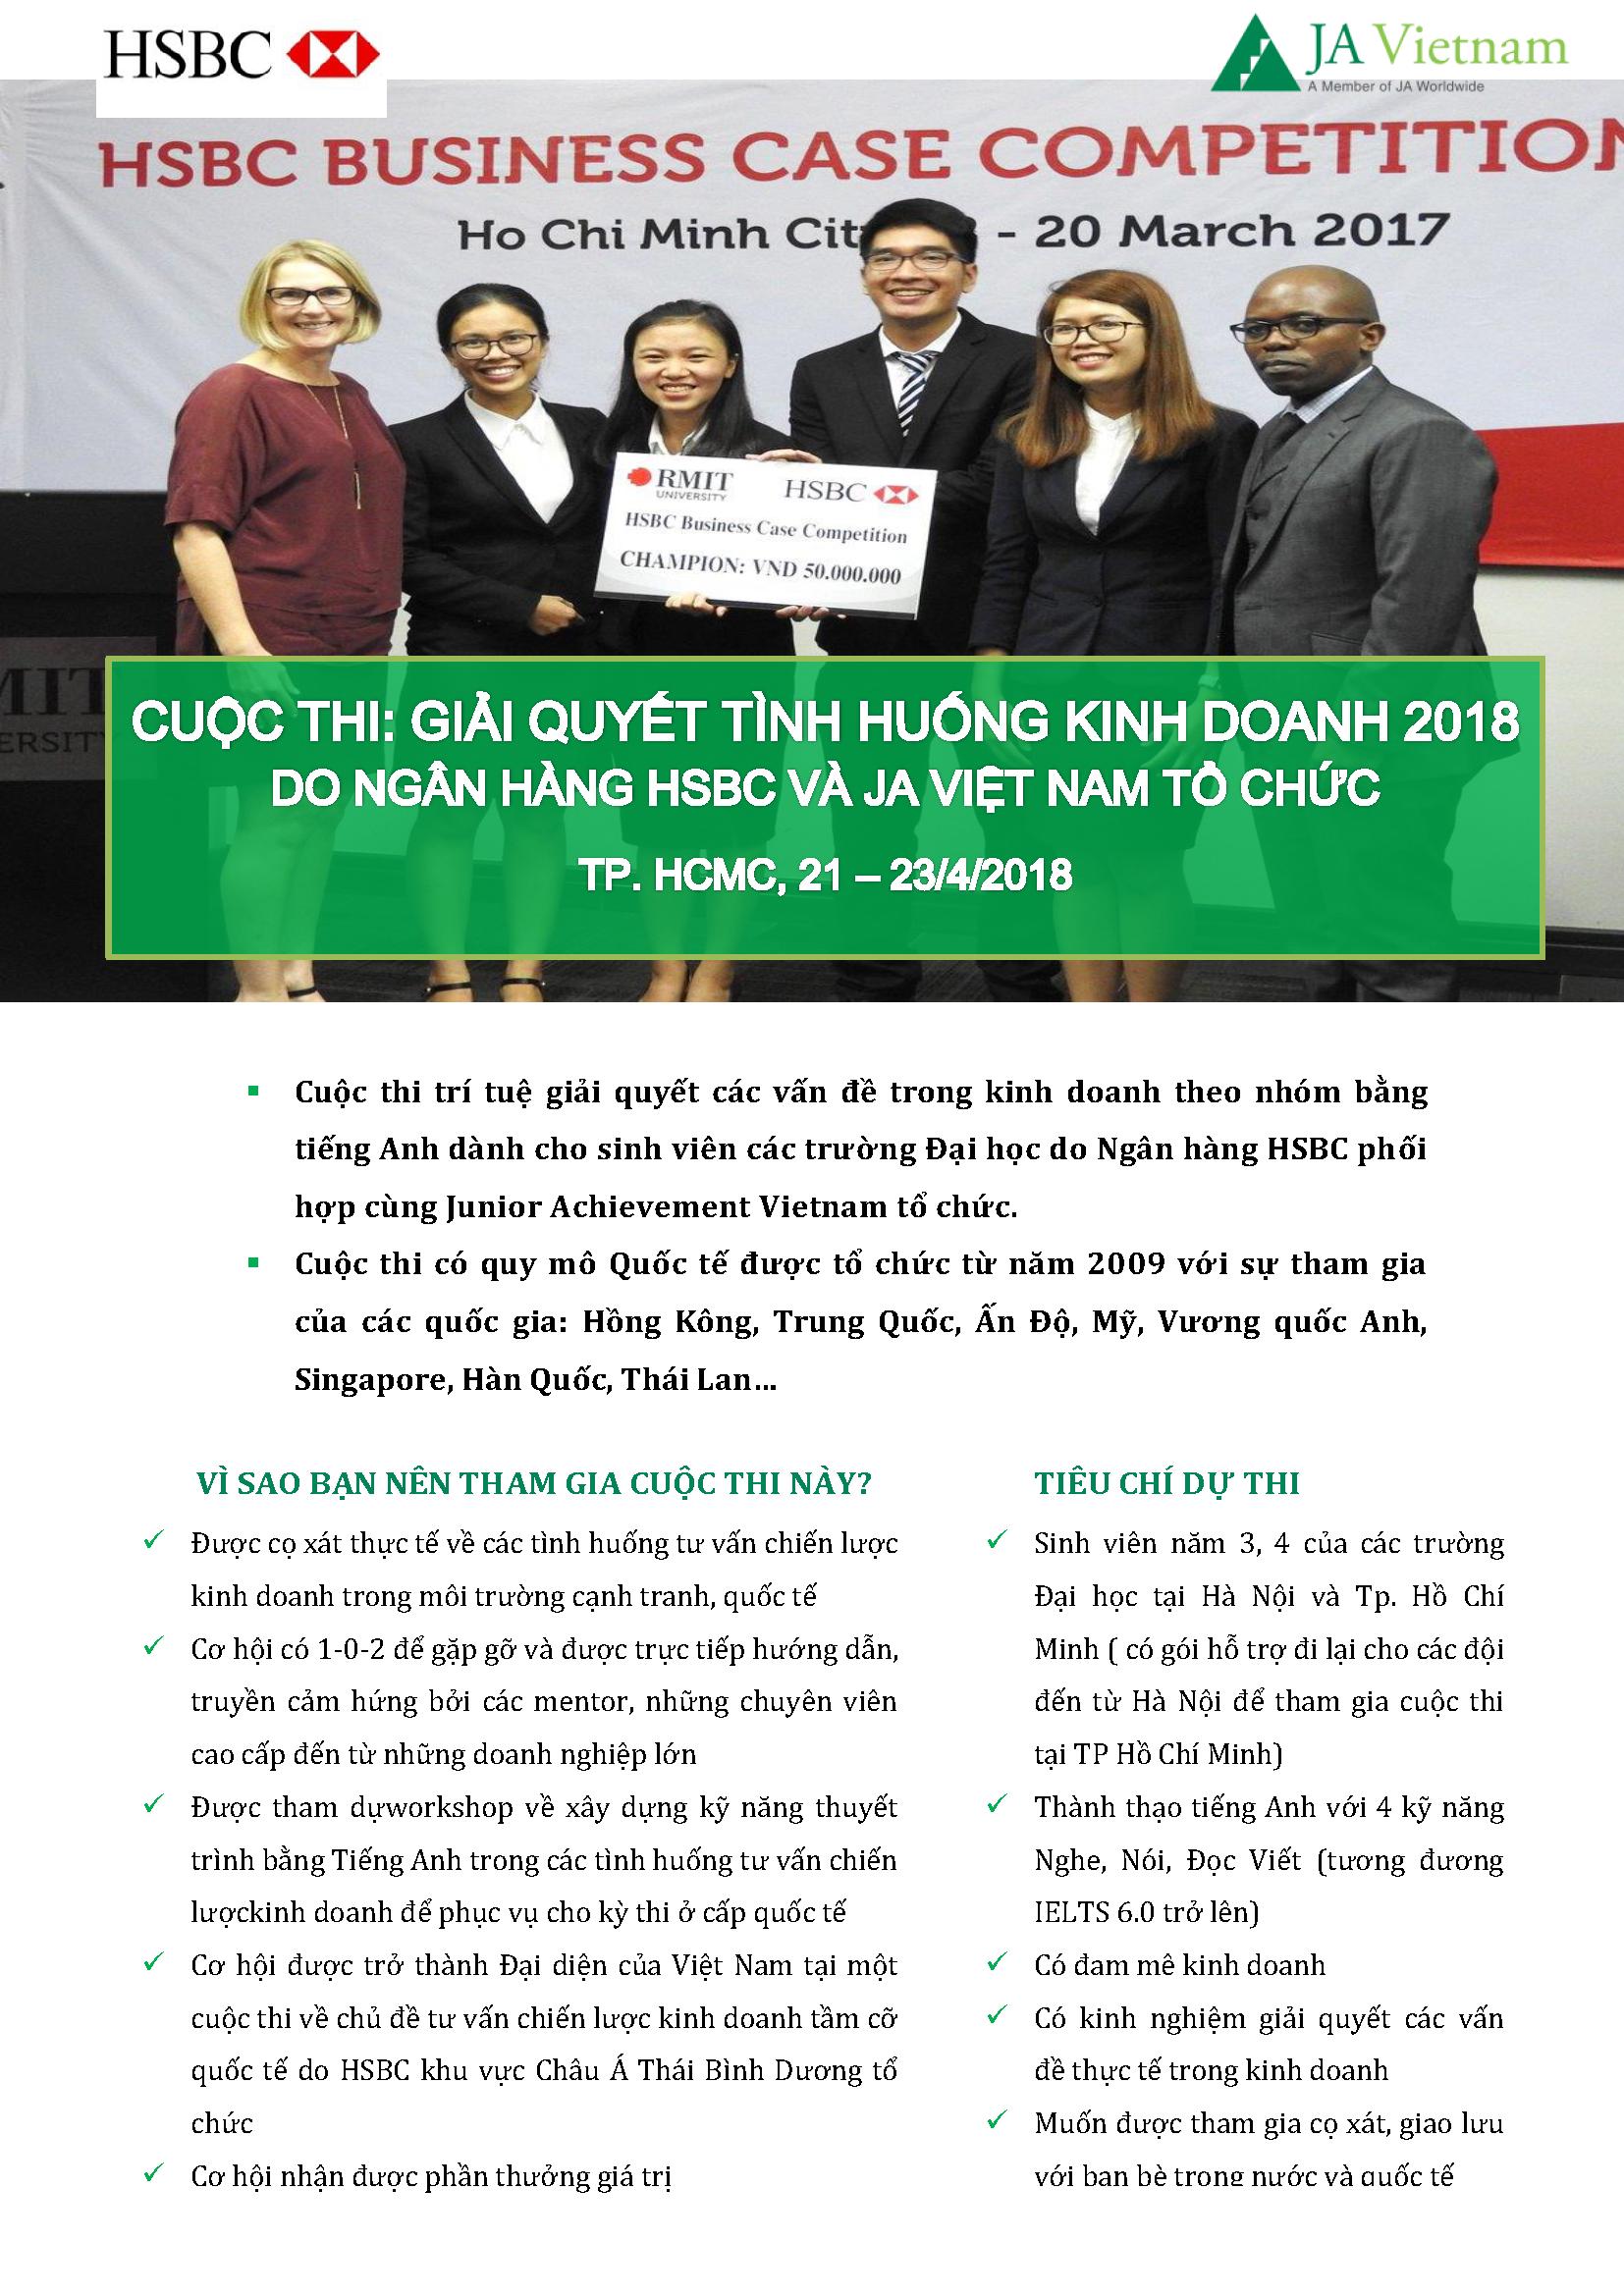 HCM] Cơ Hội Giành Giải Thưởng 50,000,000 VNĐ Với